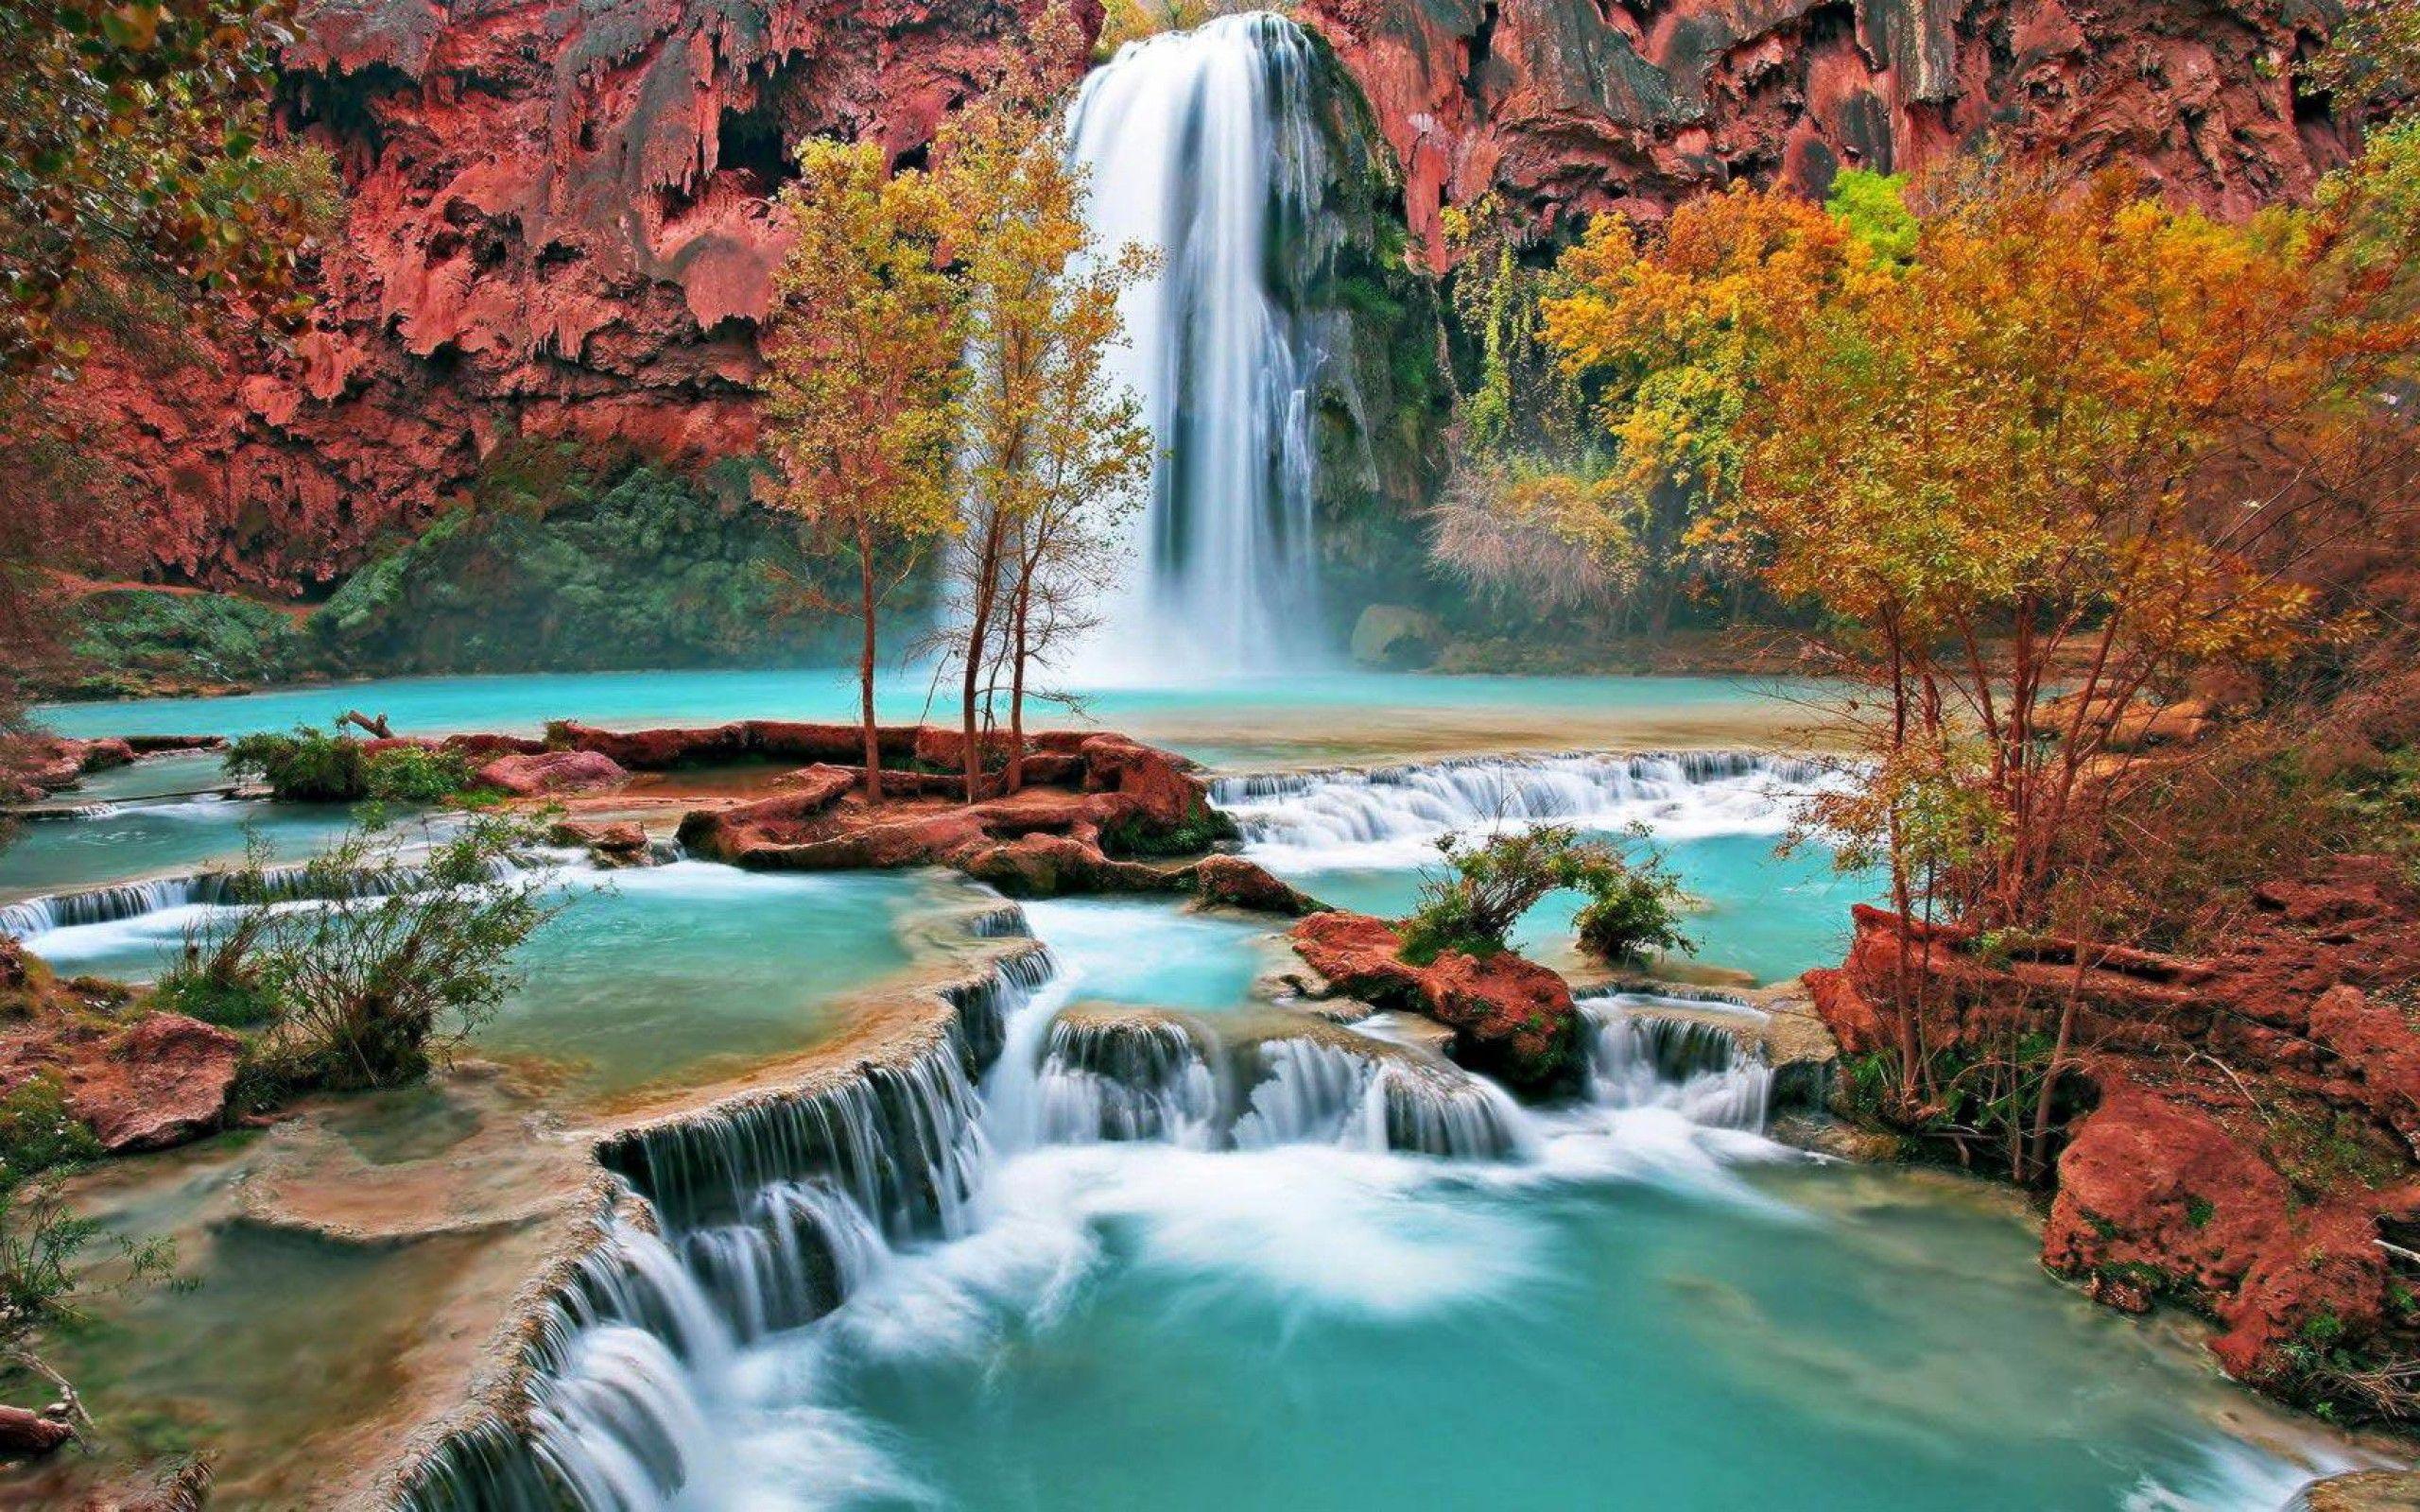 Free Download Waterfall Wallpaper HD. modeling